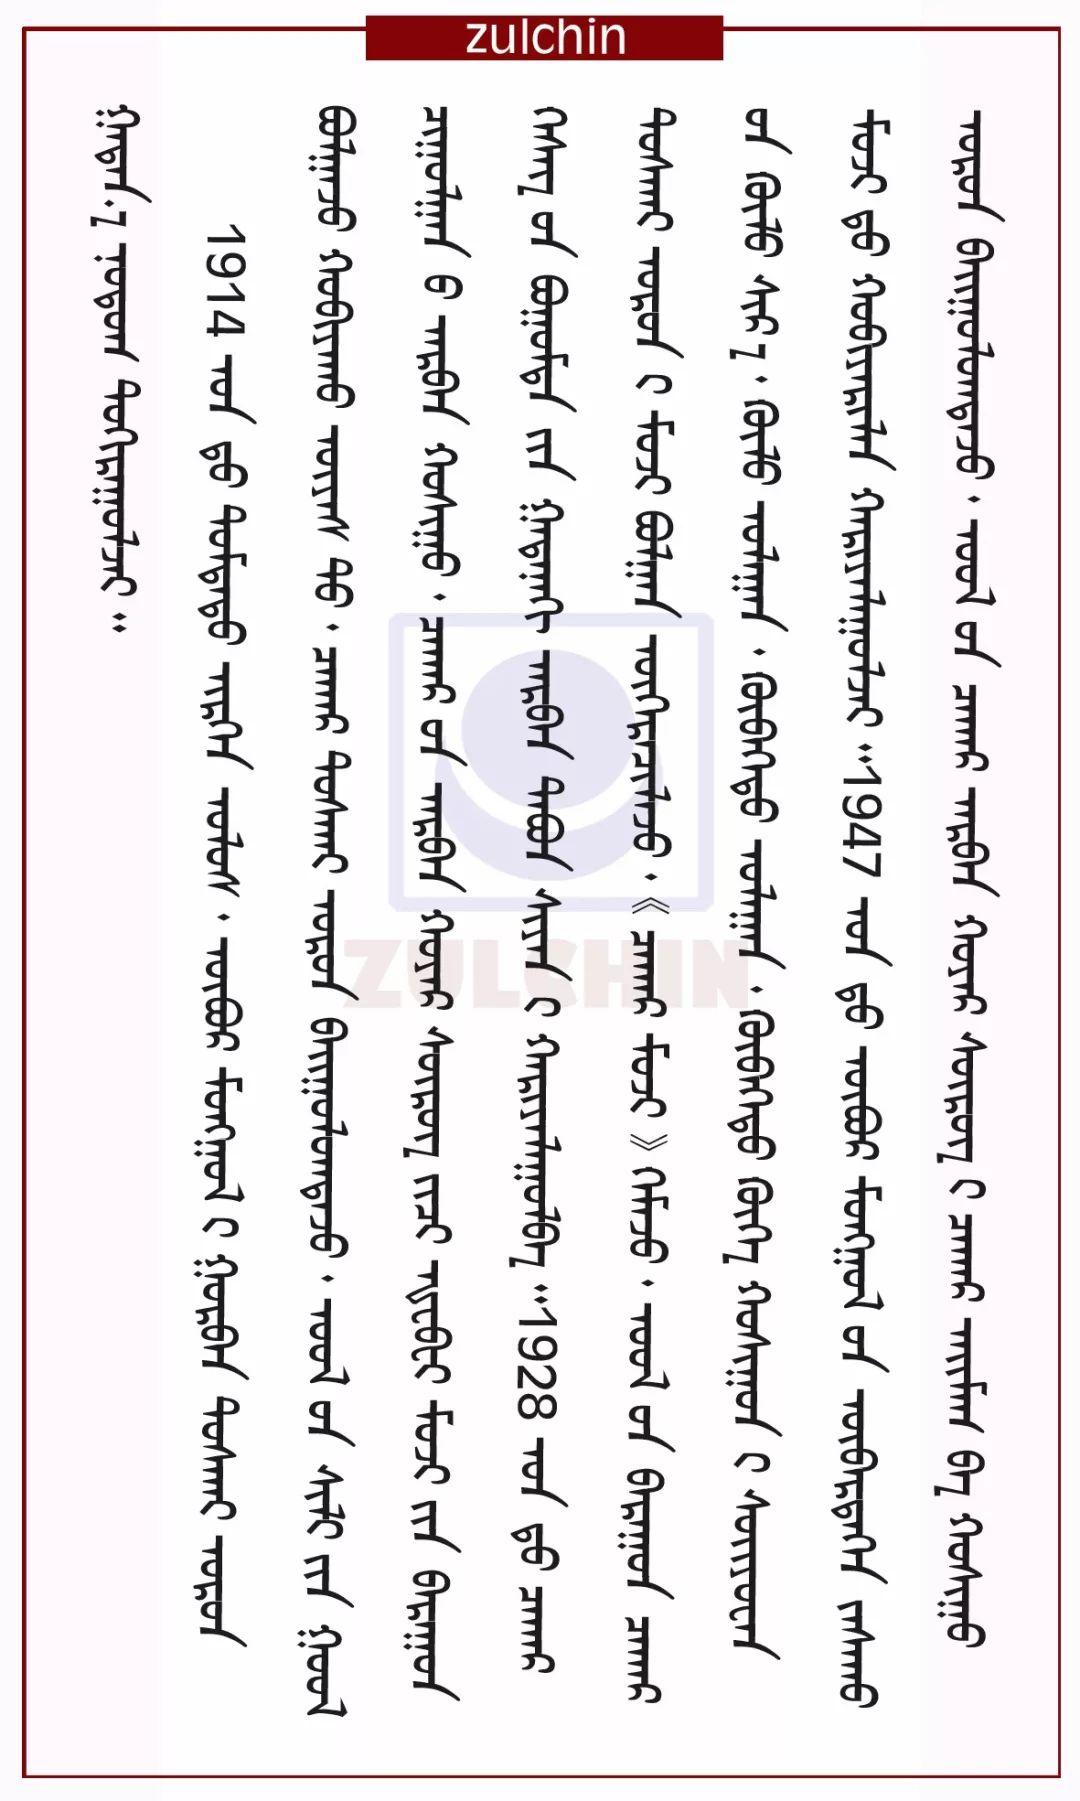 清代察哈尔部落的解体 第6张 清代察哈尔部落的解体 蒙古文化